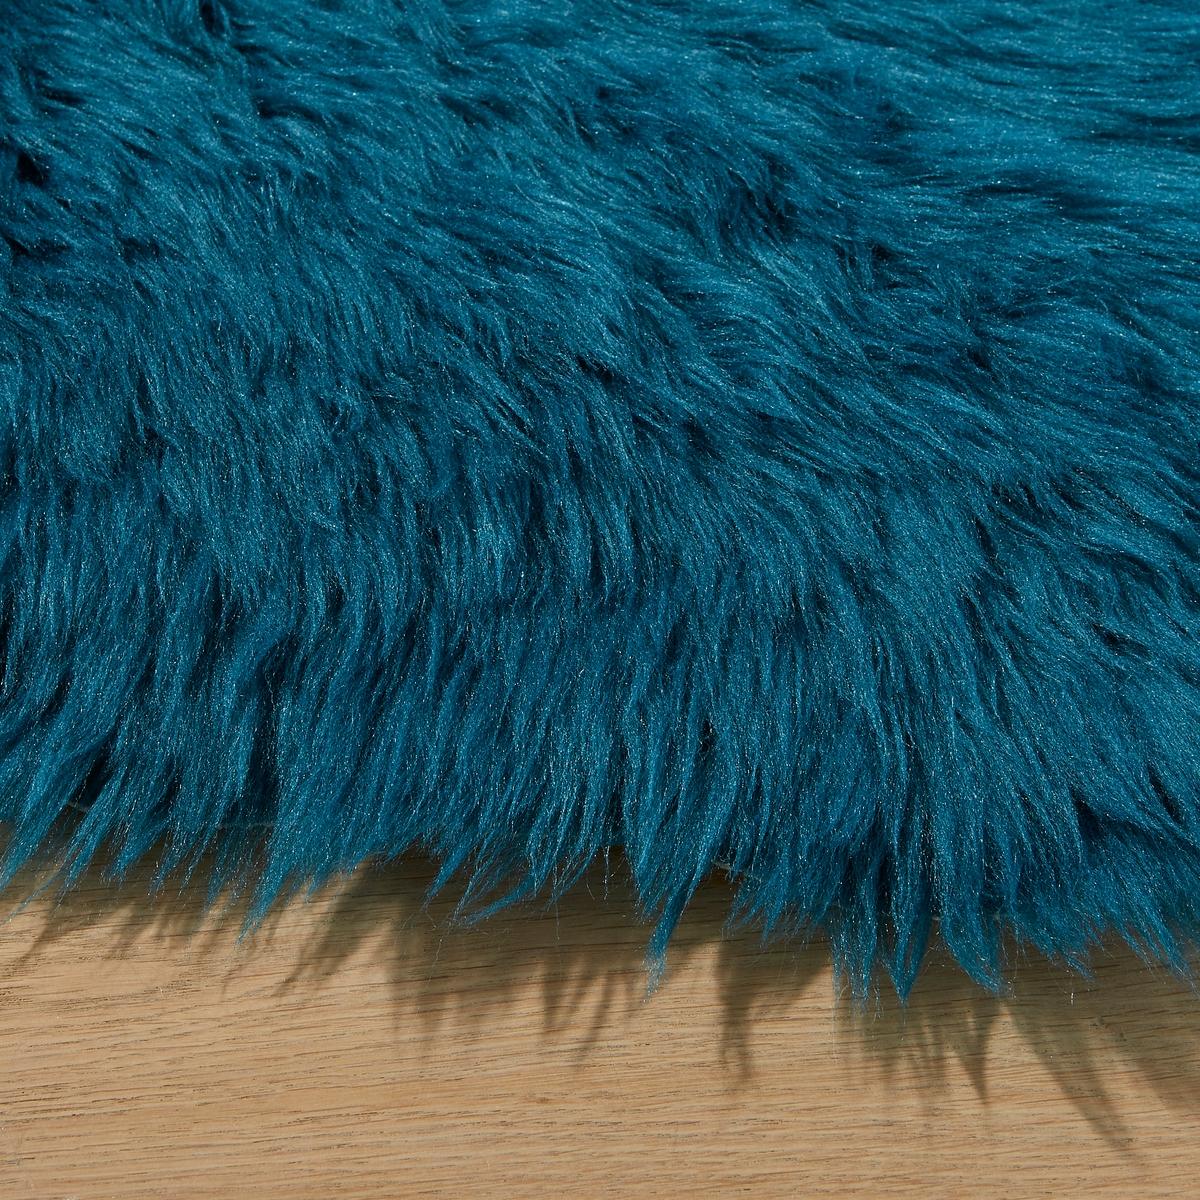 Ковер ShipaКовер Shipa. Ковер из искусственной овечьей шерсти в аутентичном стиле. Производство: Франция.Описание ковра Shipa :100% акрилВысота ворса : 5,5 смДругие модели ковров вы можете найти на сайте laredoute.ru.Размеры :50 x 90 см<br><br>Цвет: небесно-голубой,розовый,сине-зеленый,черный